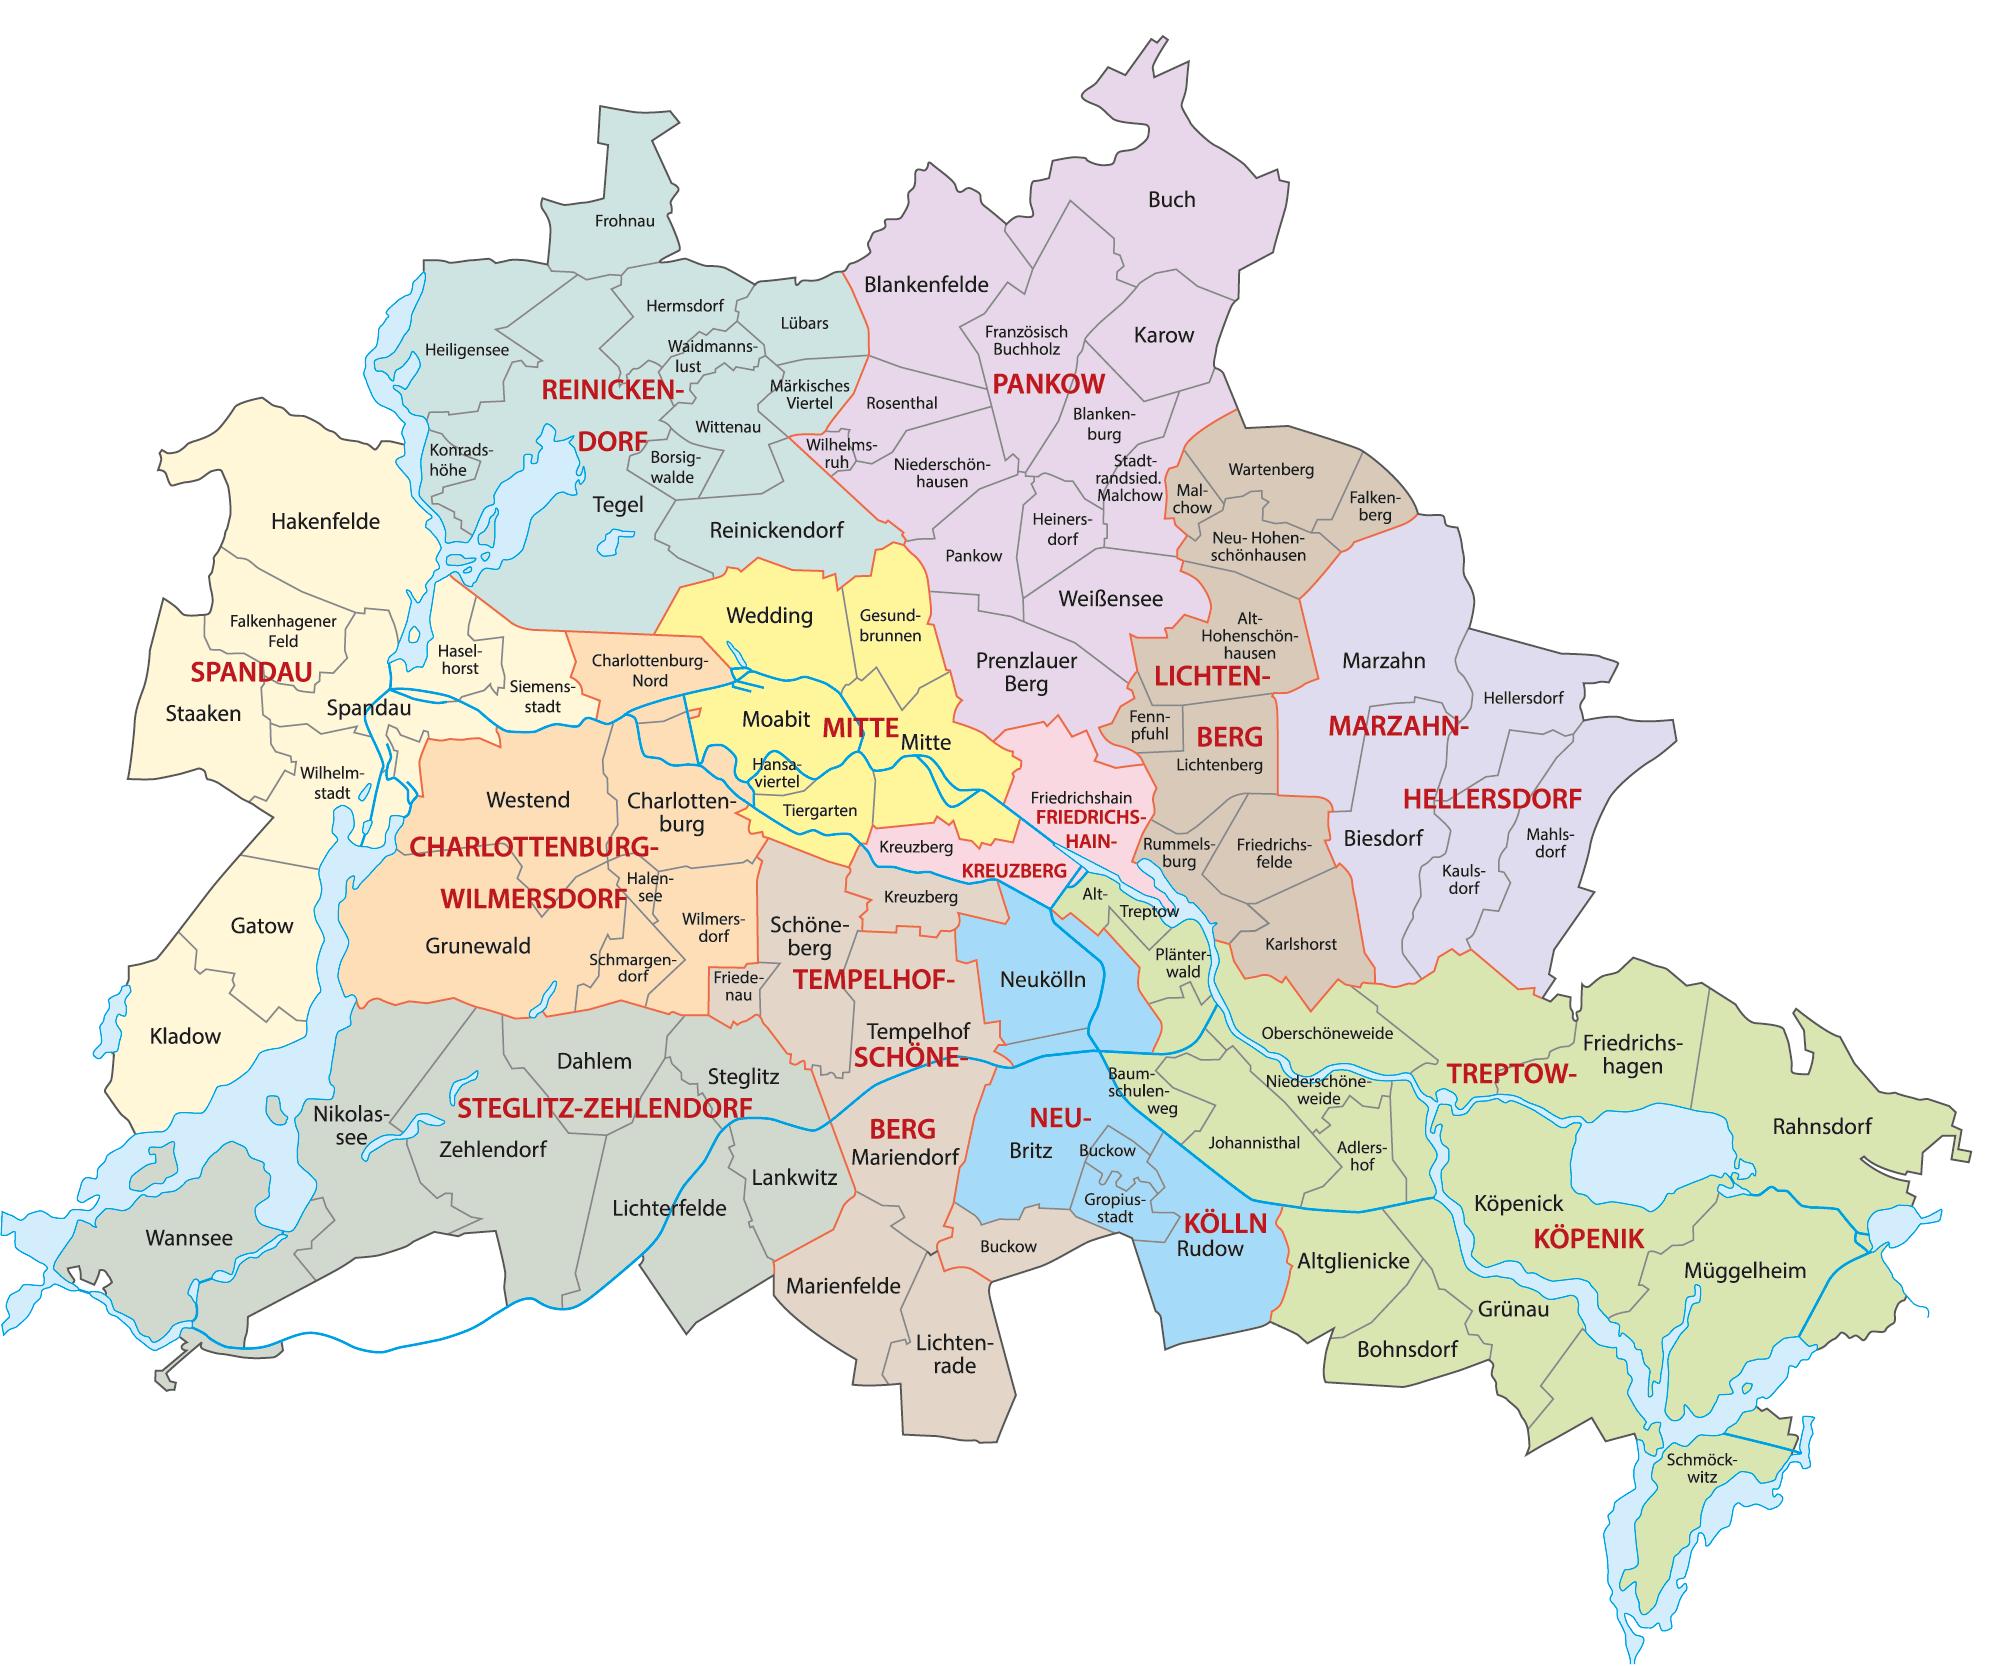 Berlin Stadtteile und Bezirke